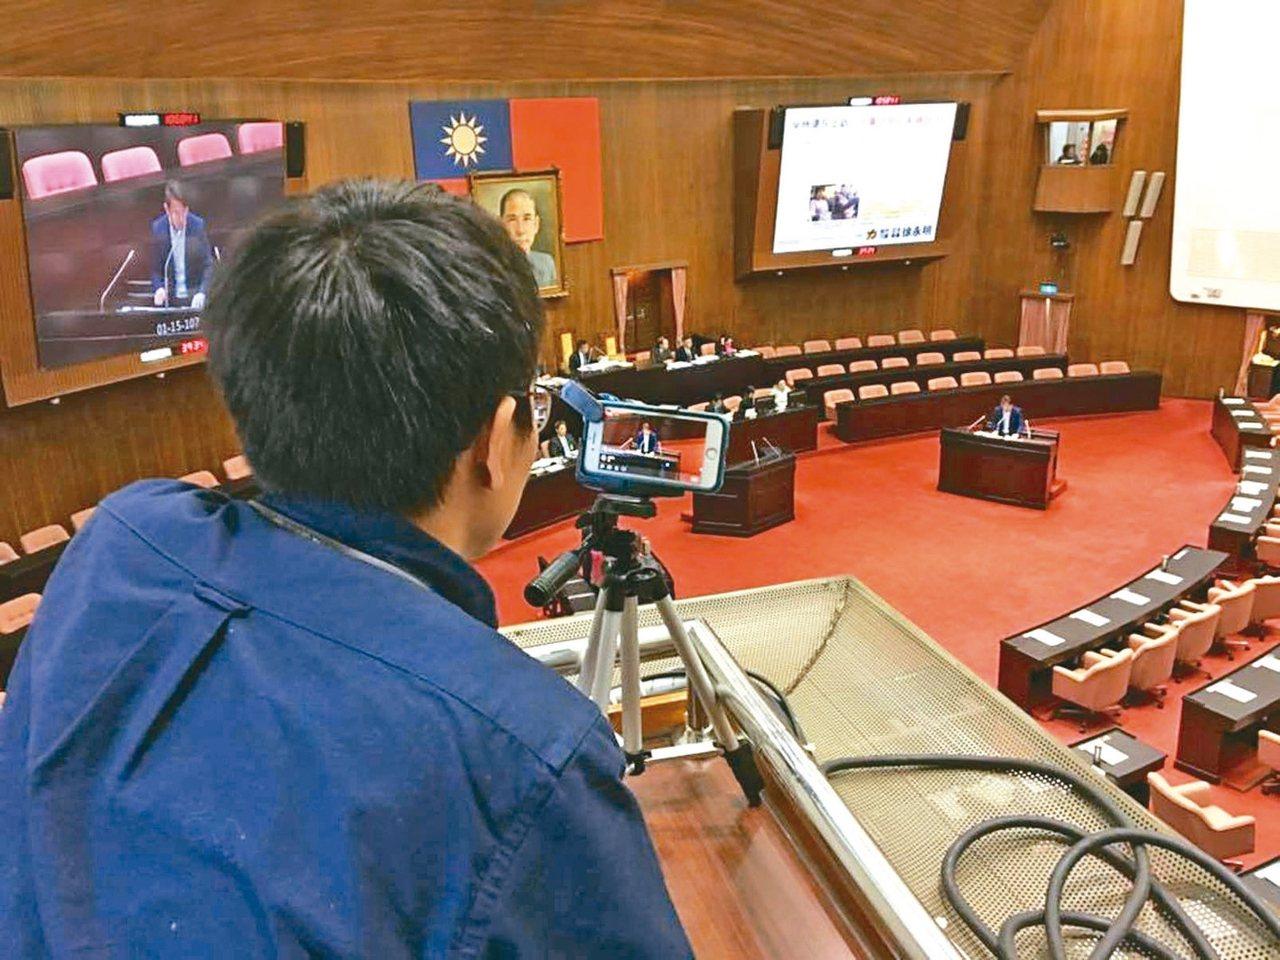 立委质询时,国会助理帮忙实况直播。(图中人物与新闻无关) 图╱联合报系资料照片